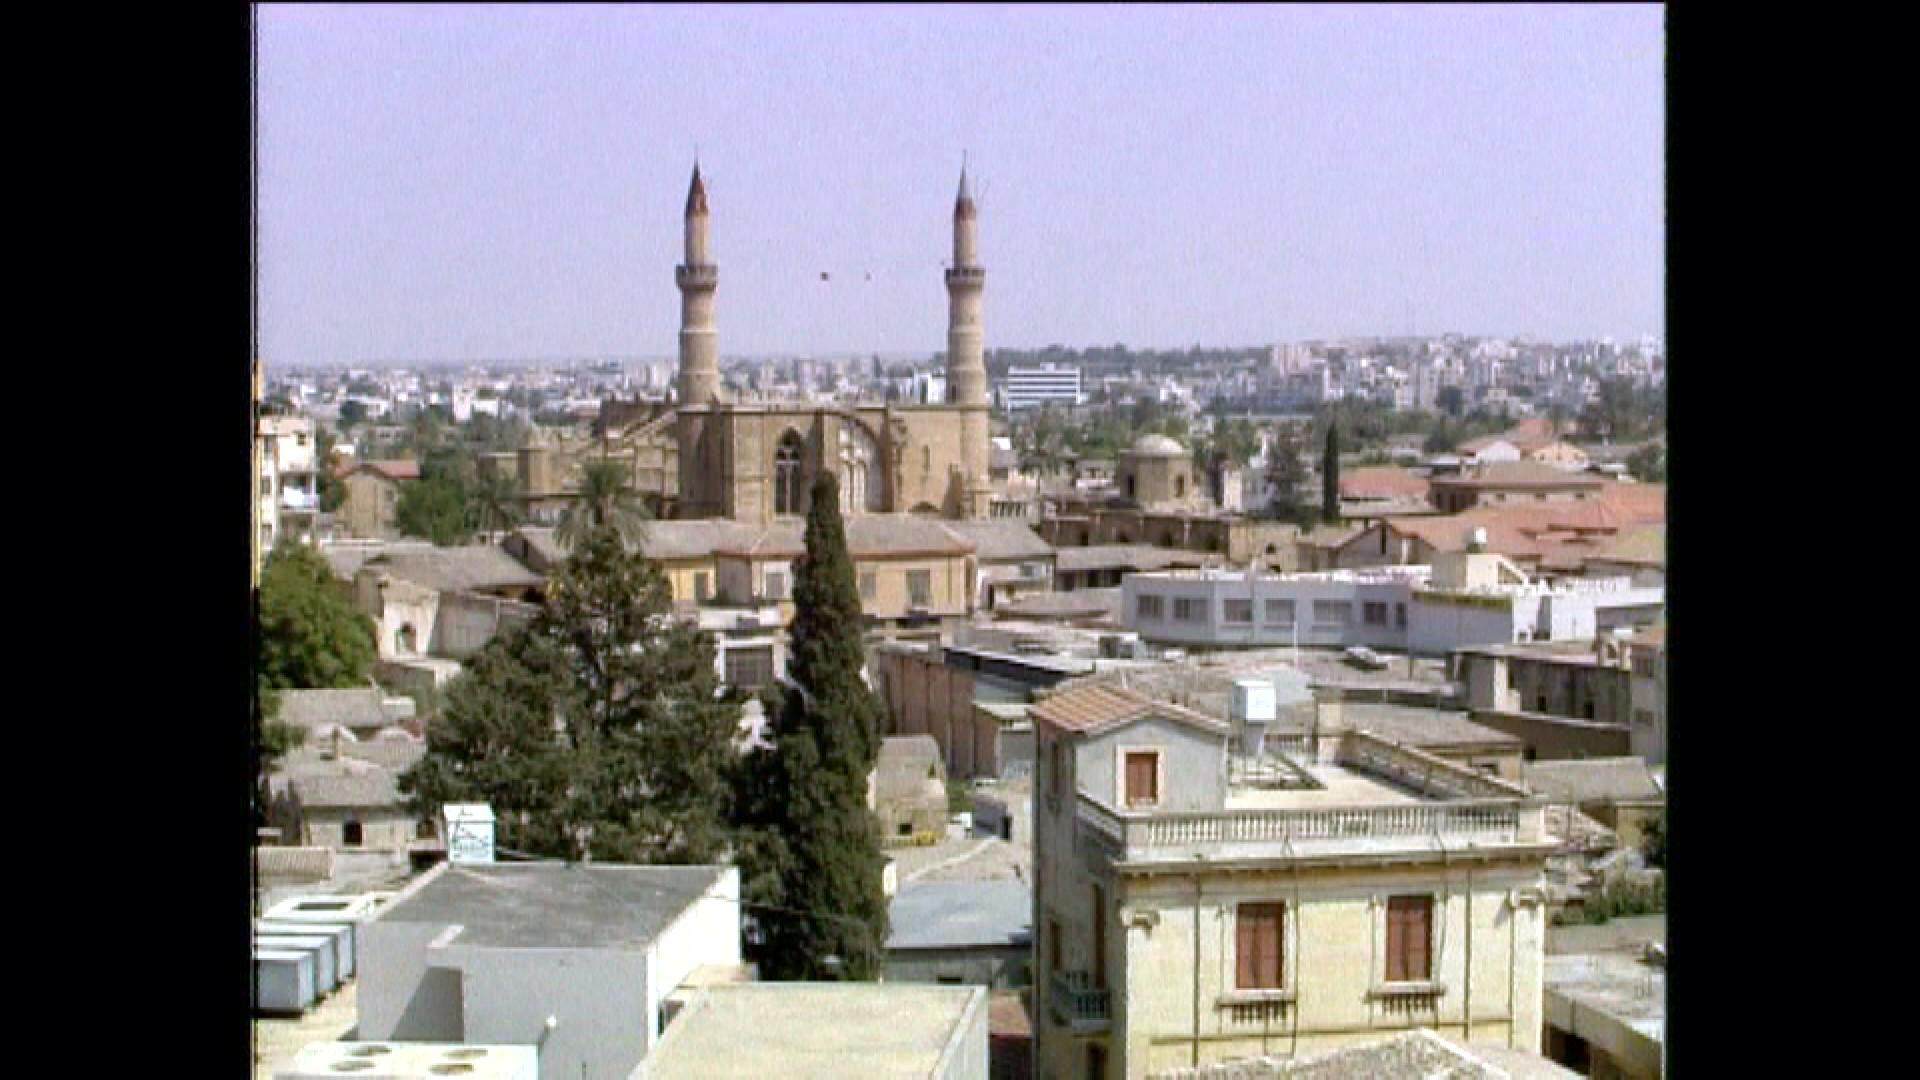 Bild zu Kirche/Moschee im türkischen Teil von Nicosia